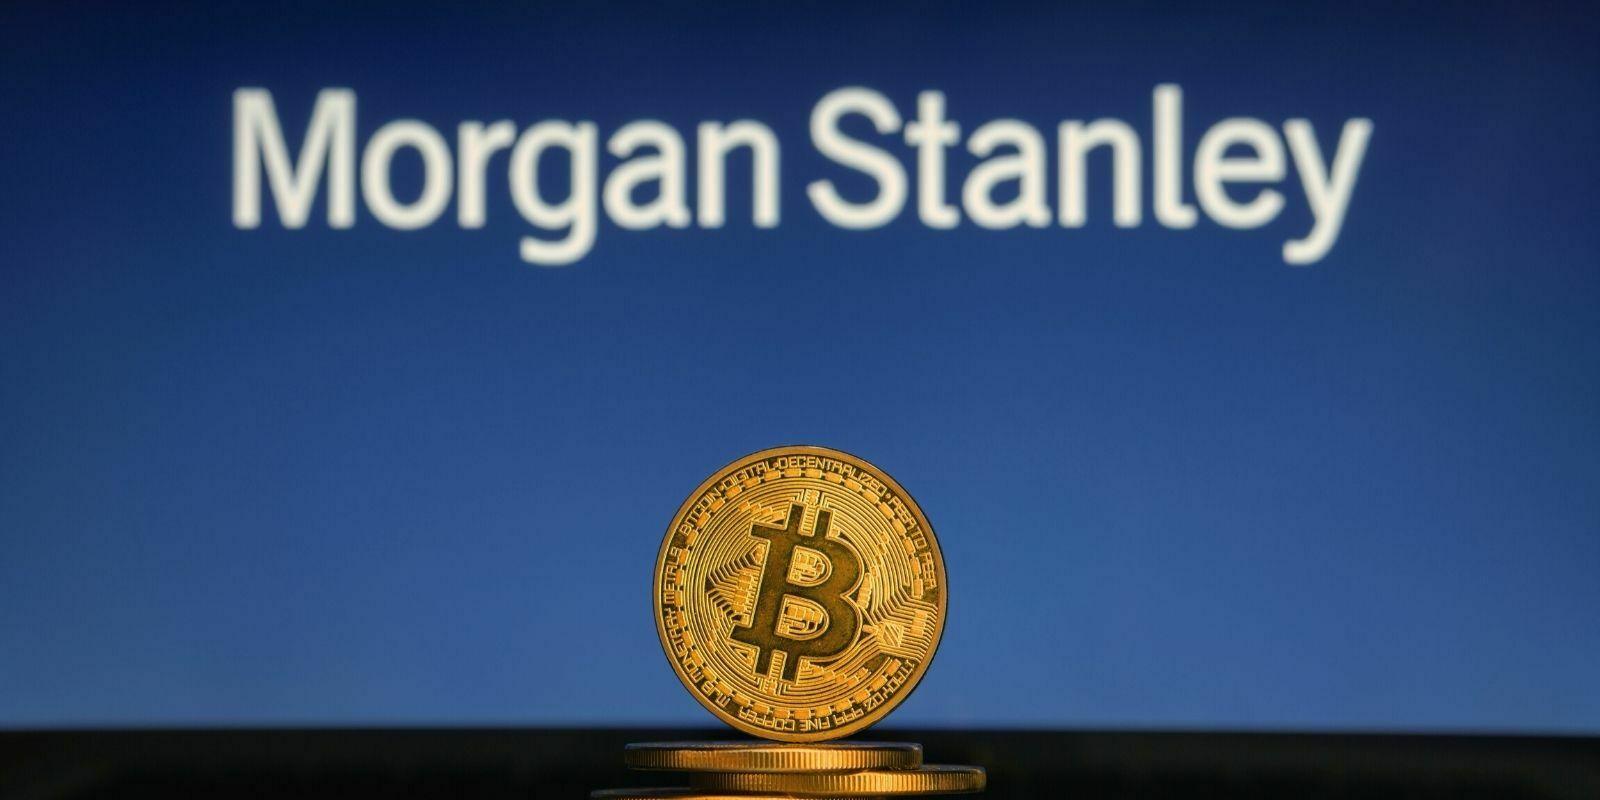 La banque Morgan Stanley offre une exposition au Bitcoin (BTC) à ses clients les plus fortunés